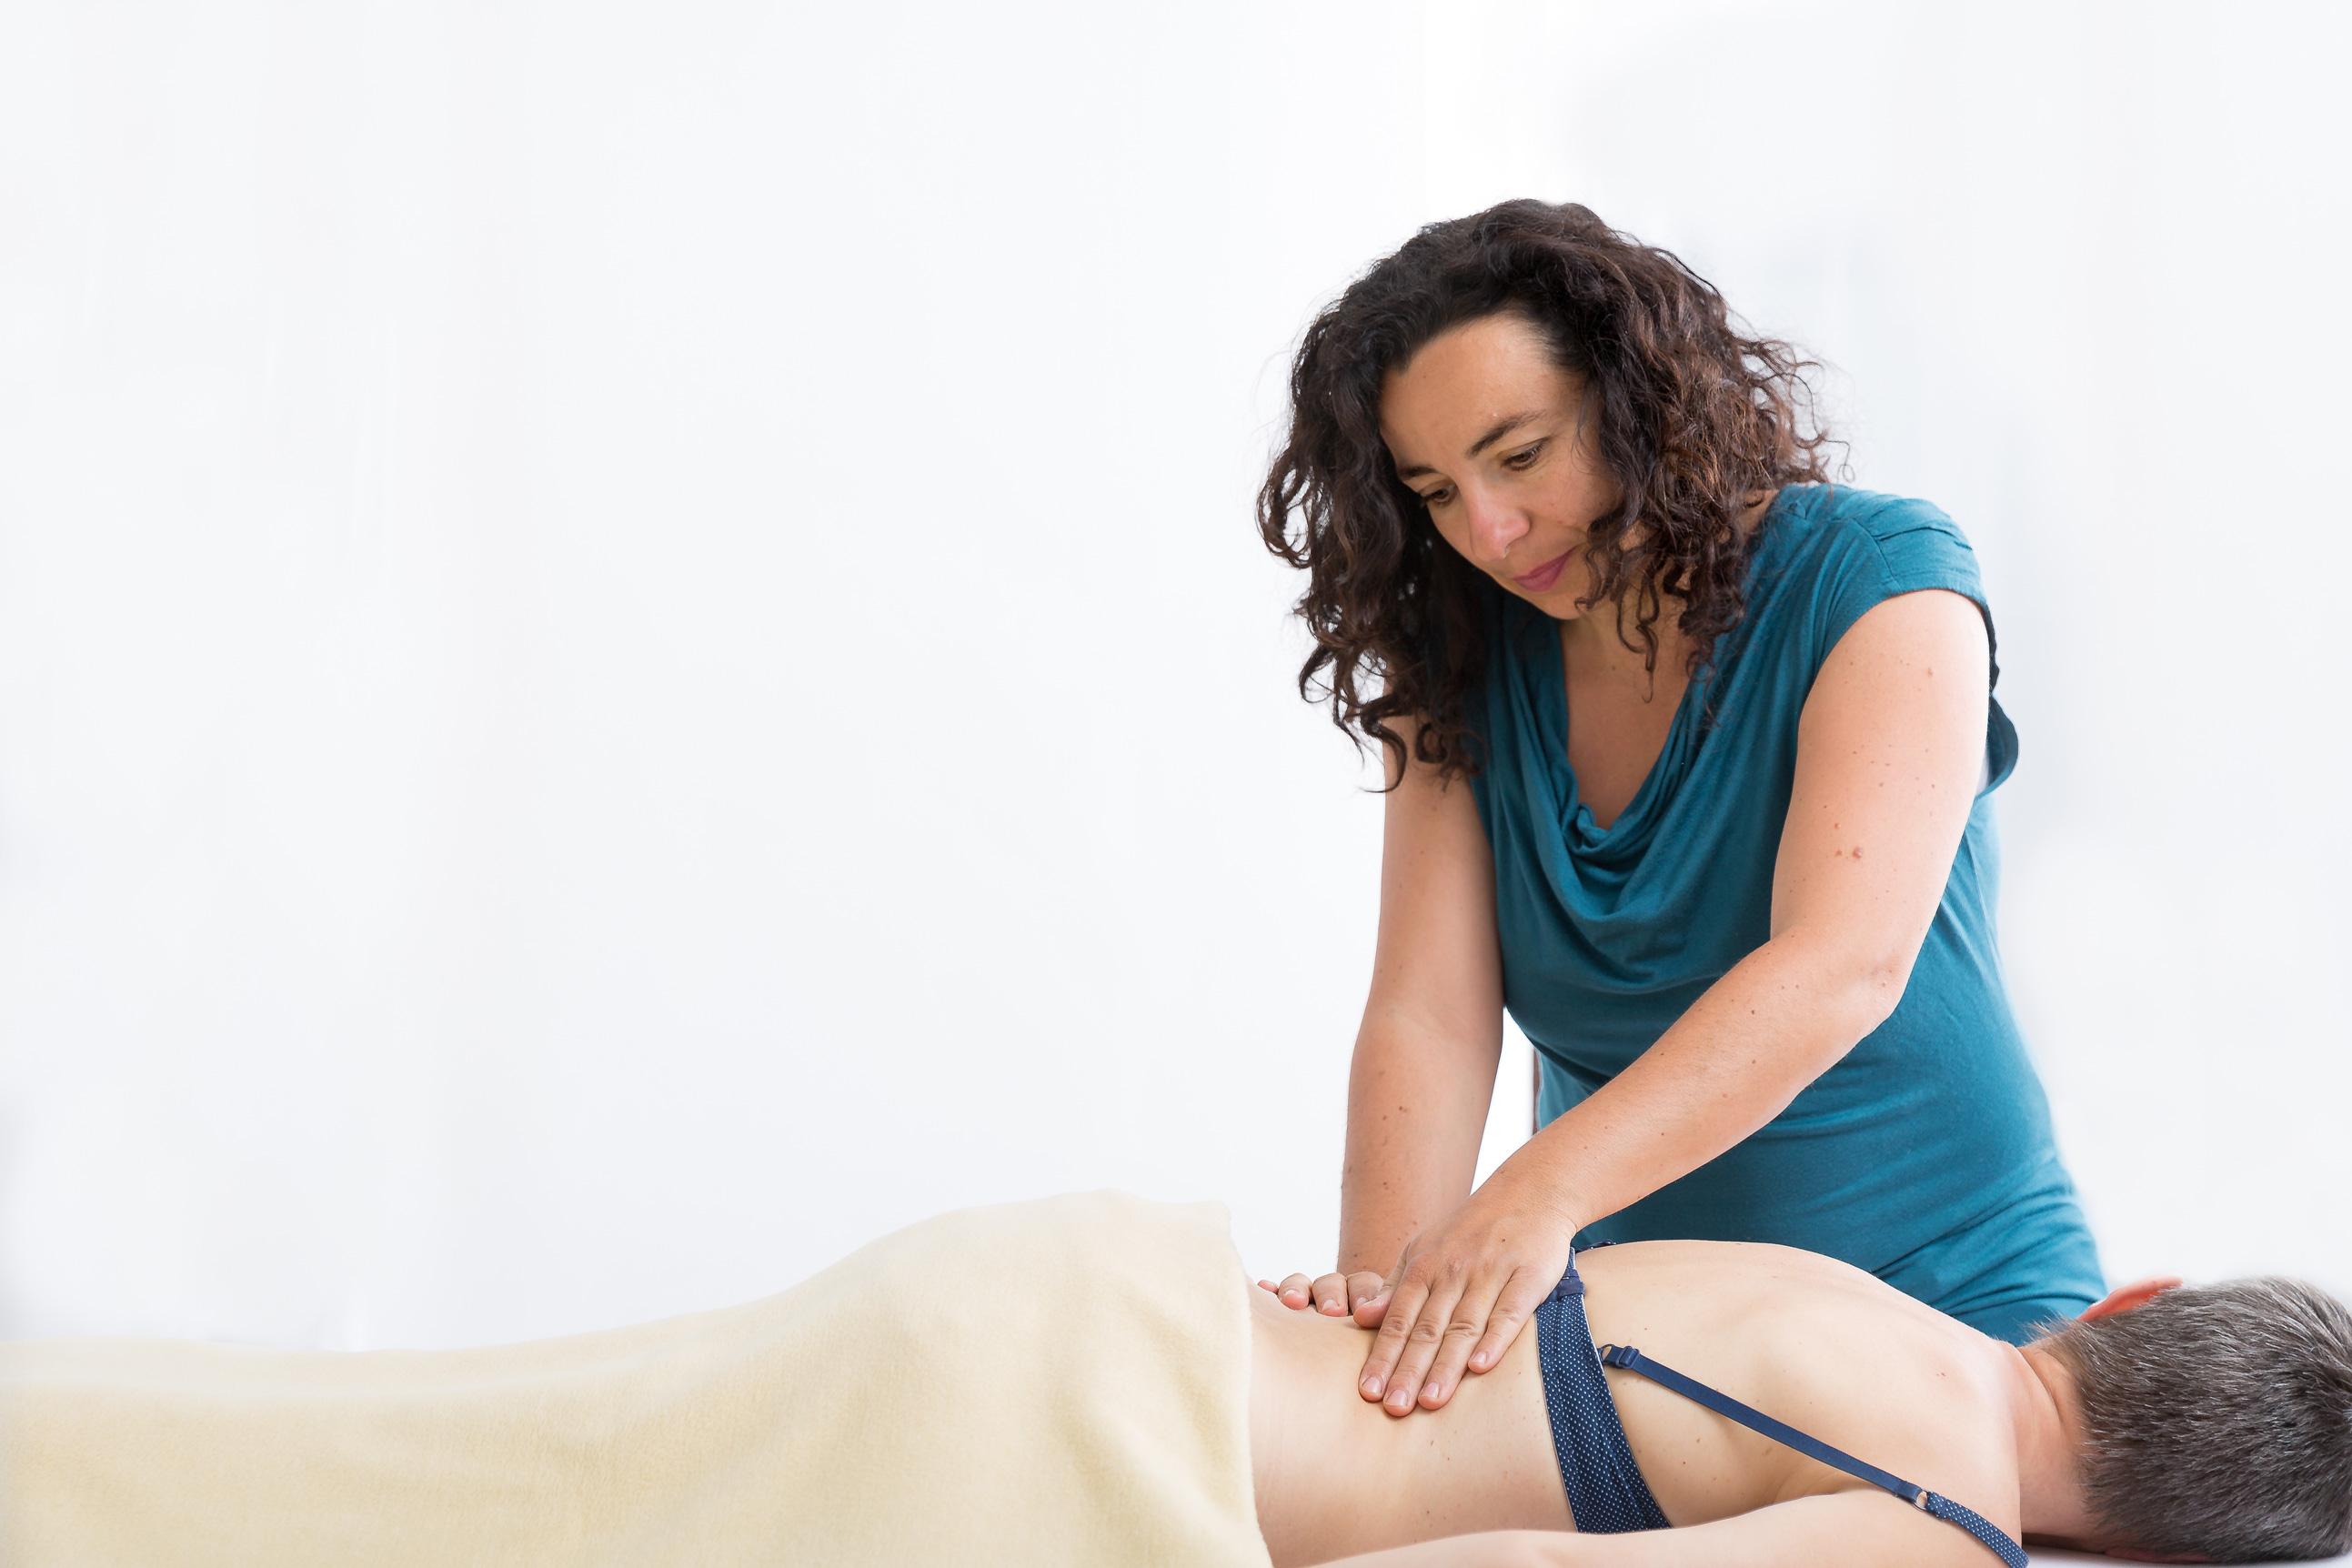 Rückenprobleme, Bandscheibenvorfälle etc. der Körper kann lernen unnötige Anspannungen im Alltag wegzulassen und so wieder beweglich und schmerzfrei werden.